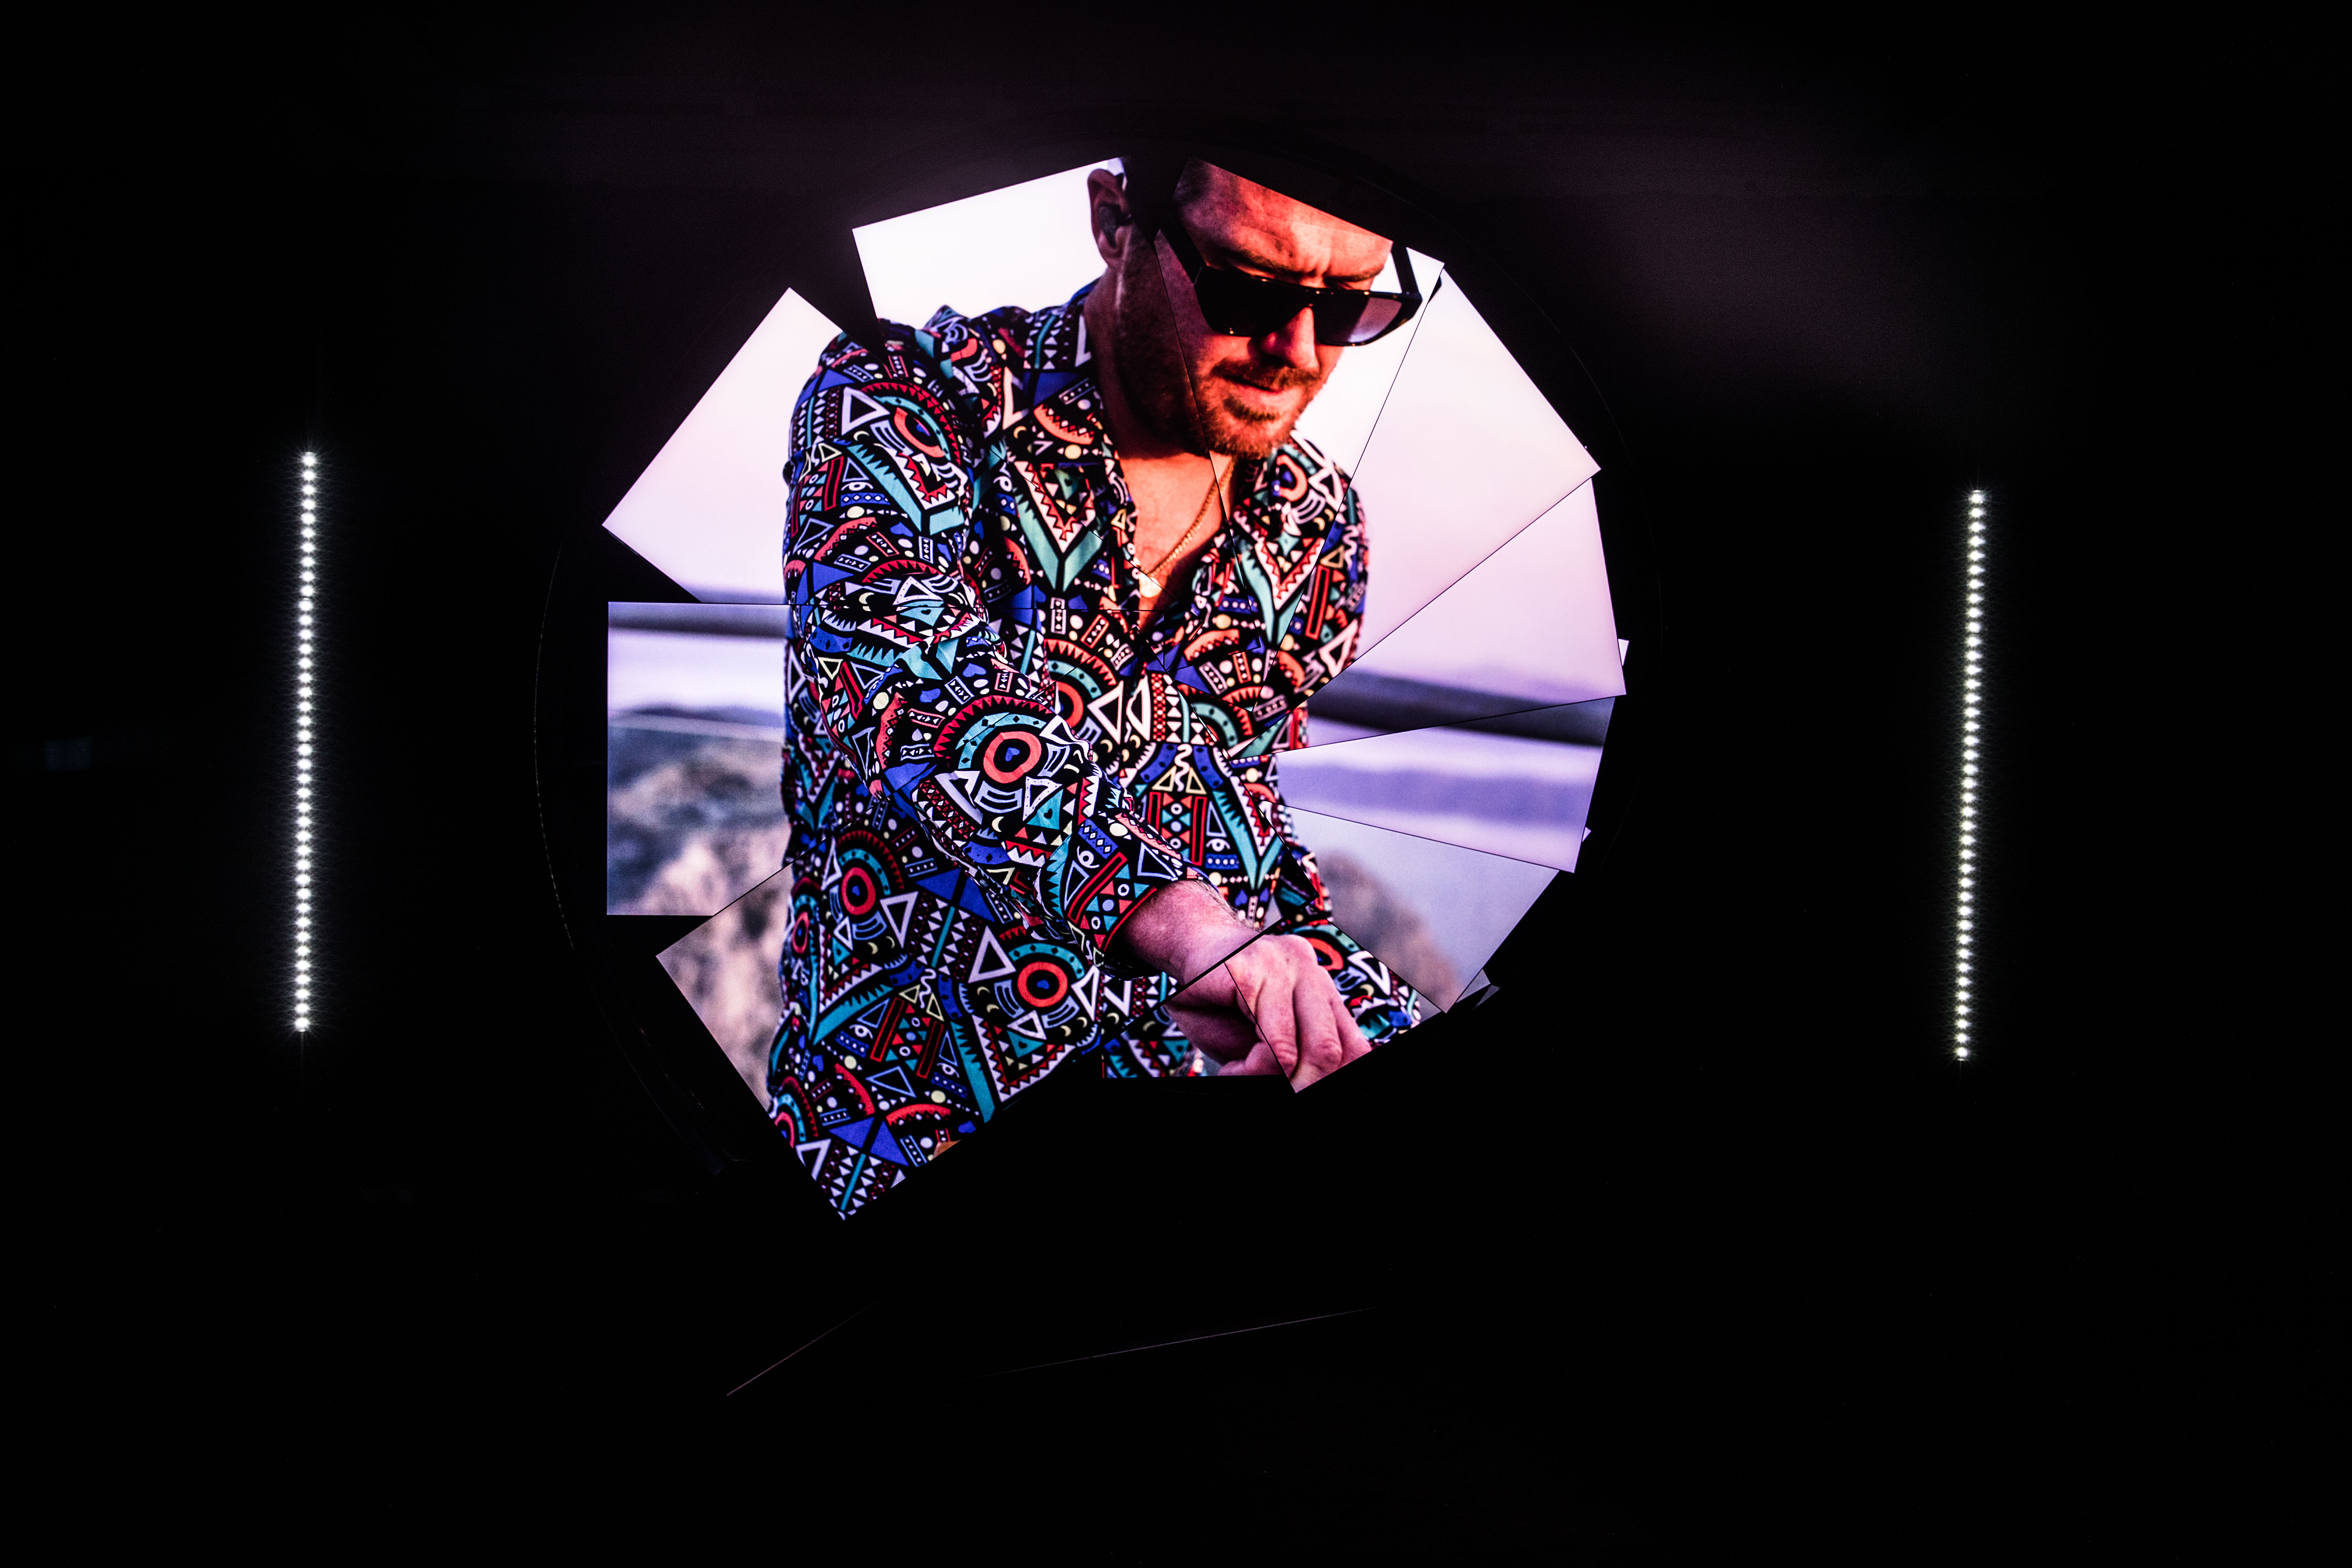 Инсталляция Samsung и Майкла Мёрфи в лондонской галерее Саатчи раскрывает возможности линейки Neo QLED